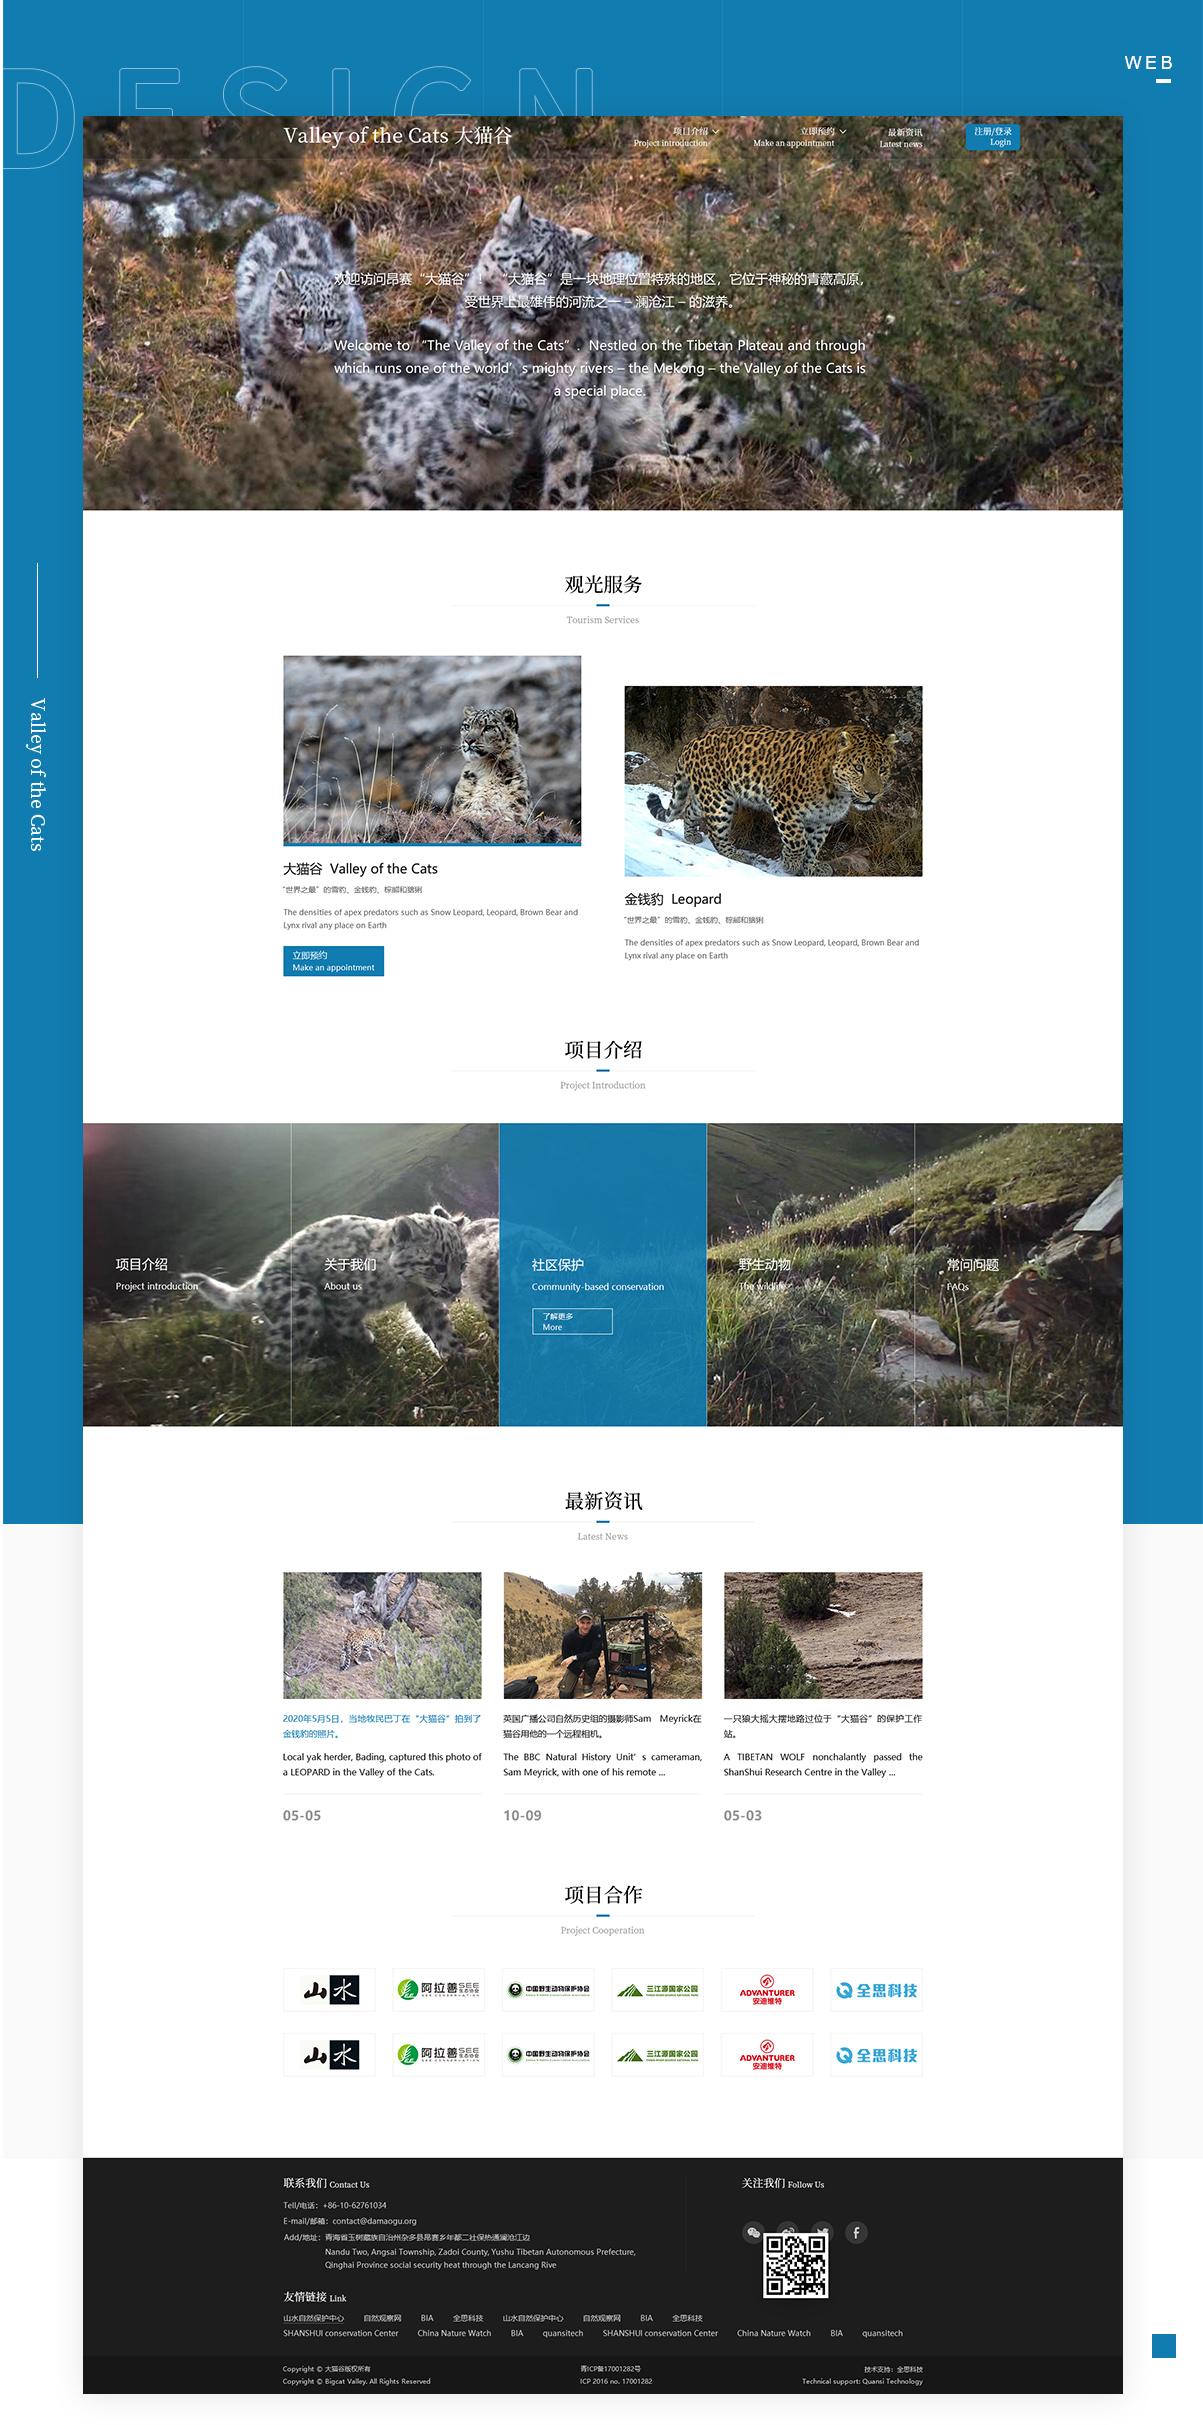 大猫谷官方网站